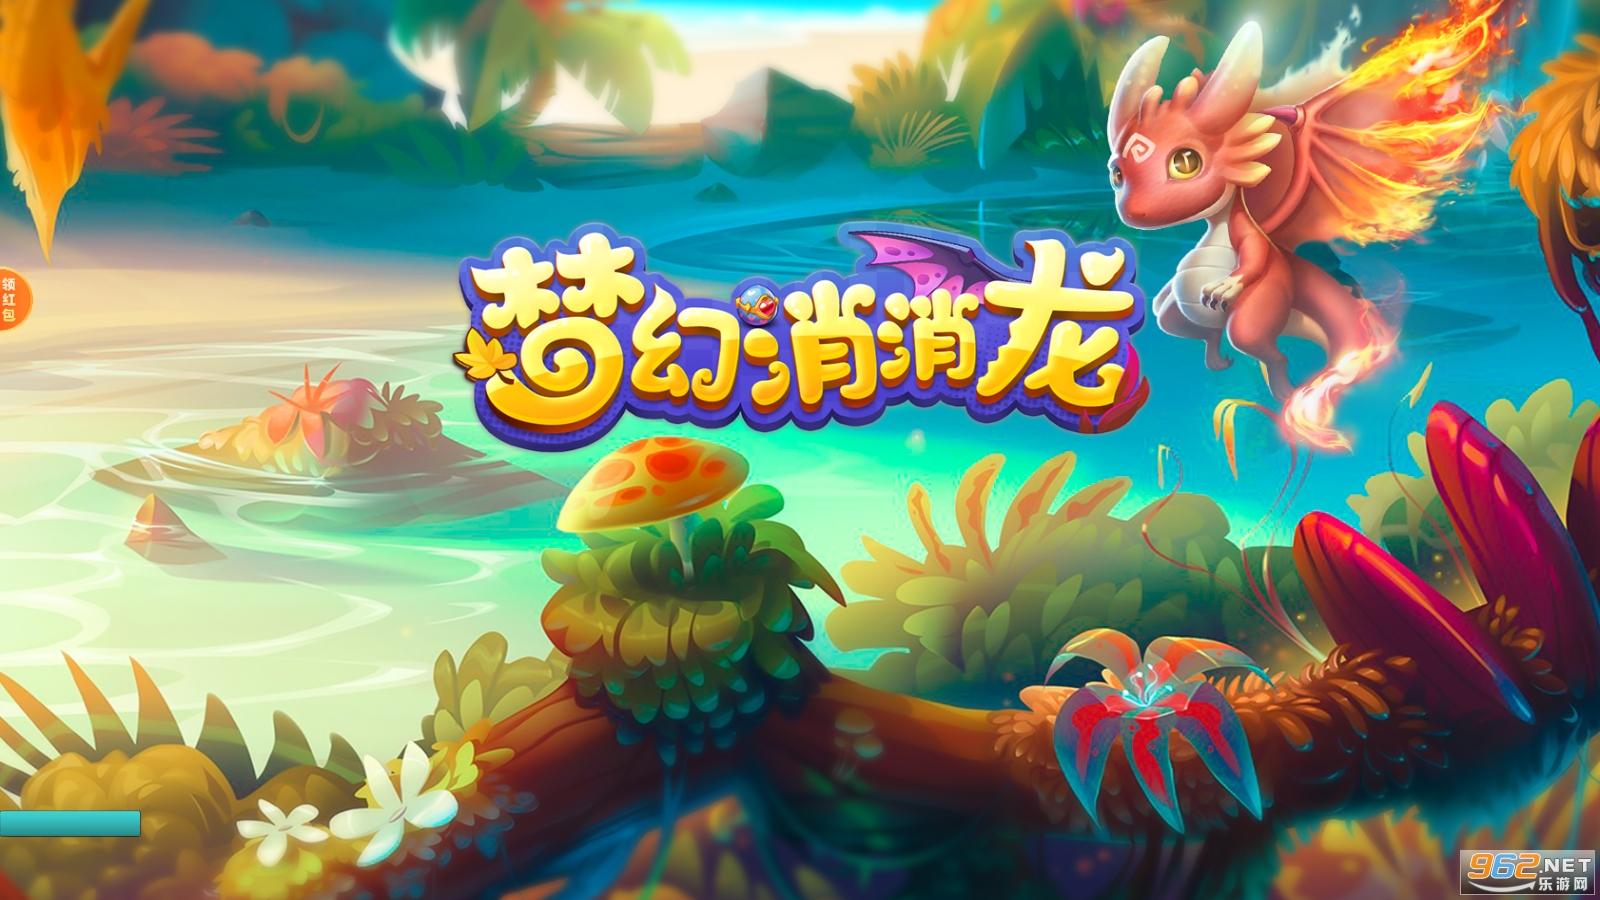 梦幻消消龙游戏v1.0正式版截图2